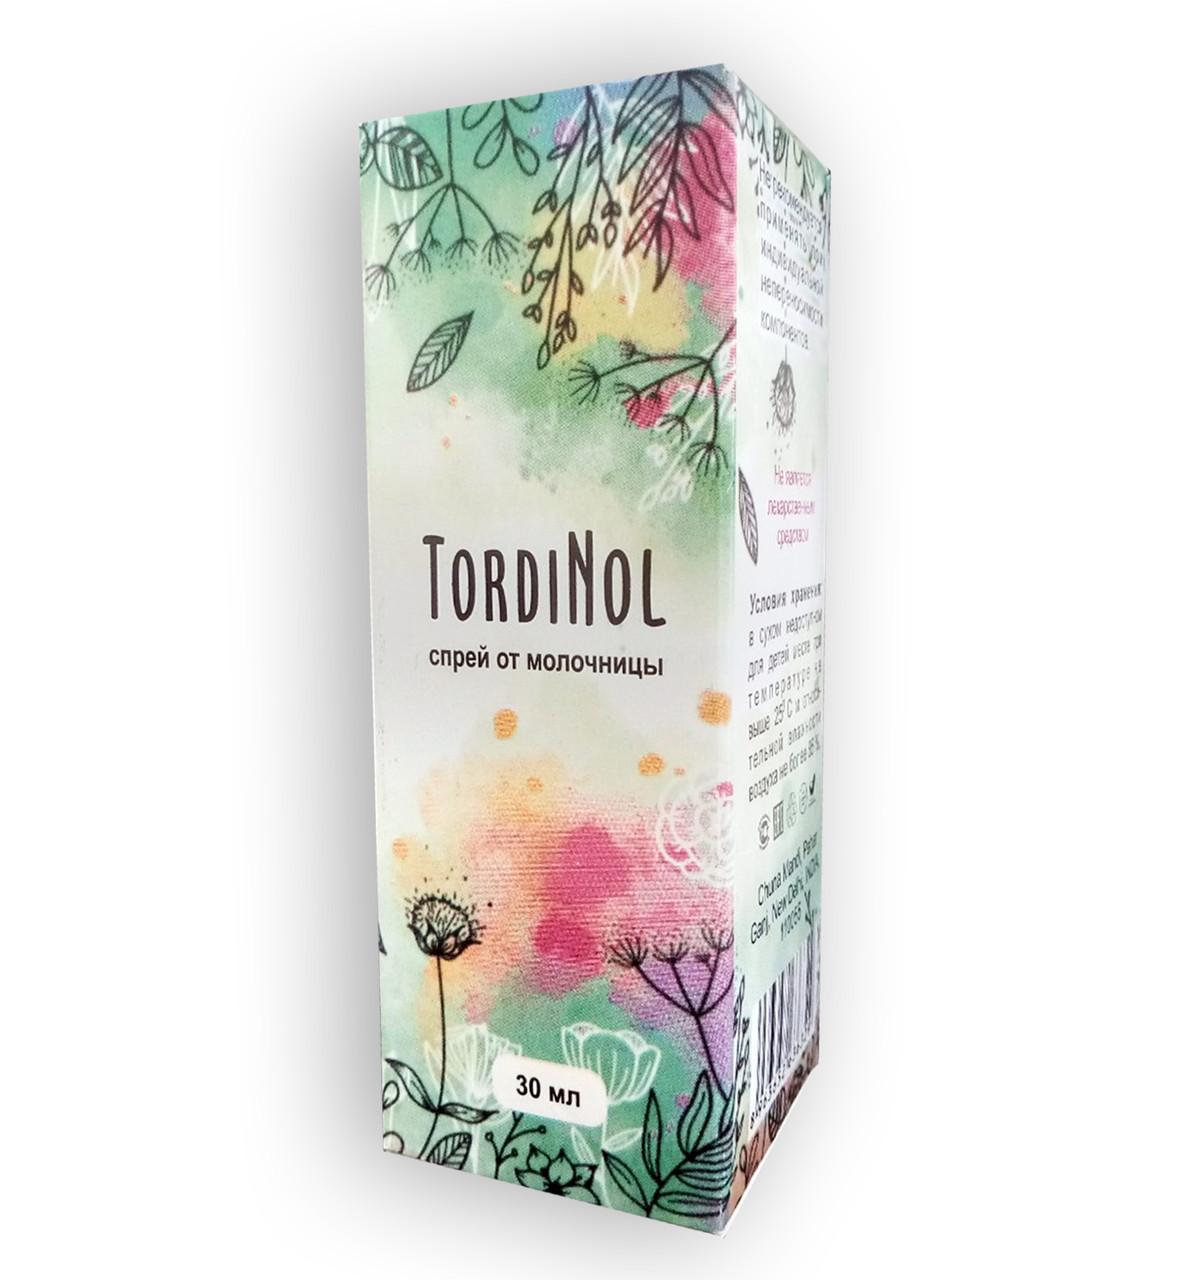 TordiNol - Спрей от молочницы( ТордиНол), вылечить кандидоз быстро инавсегда